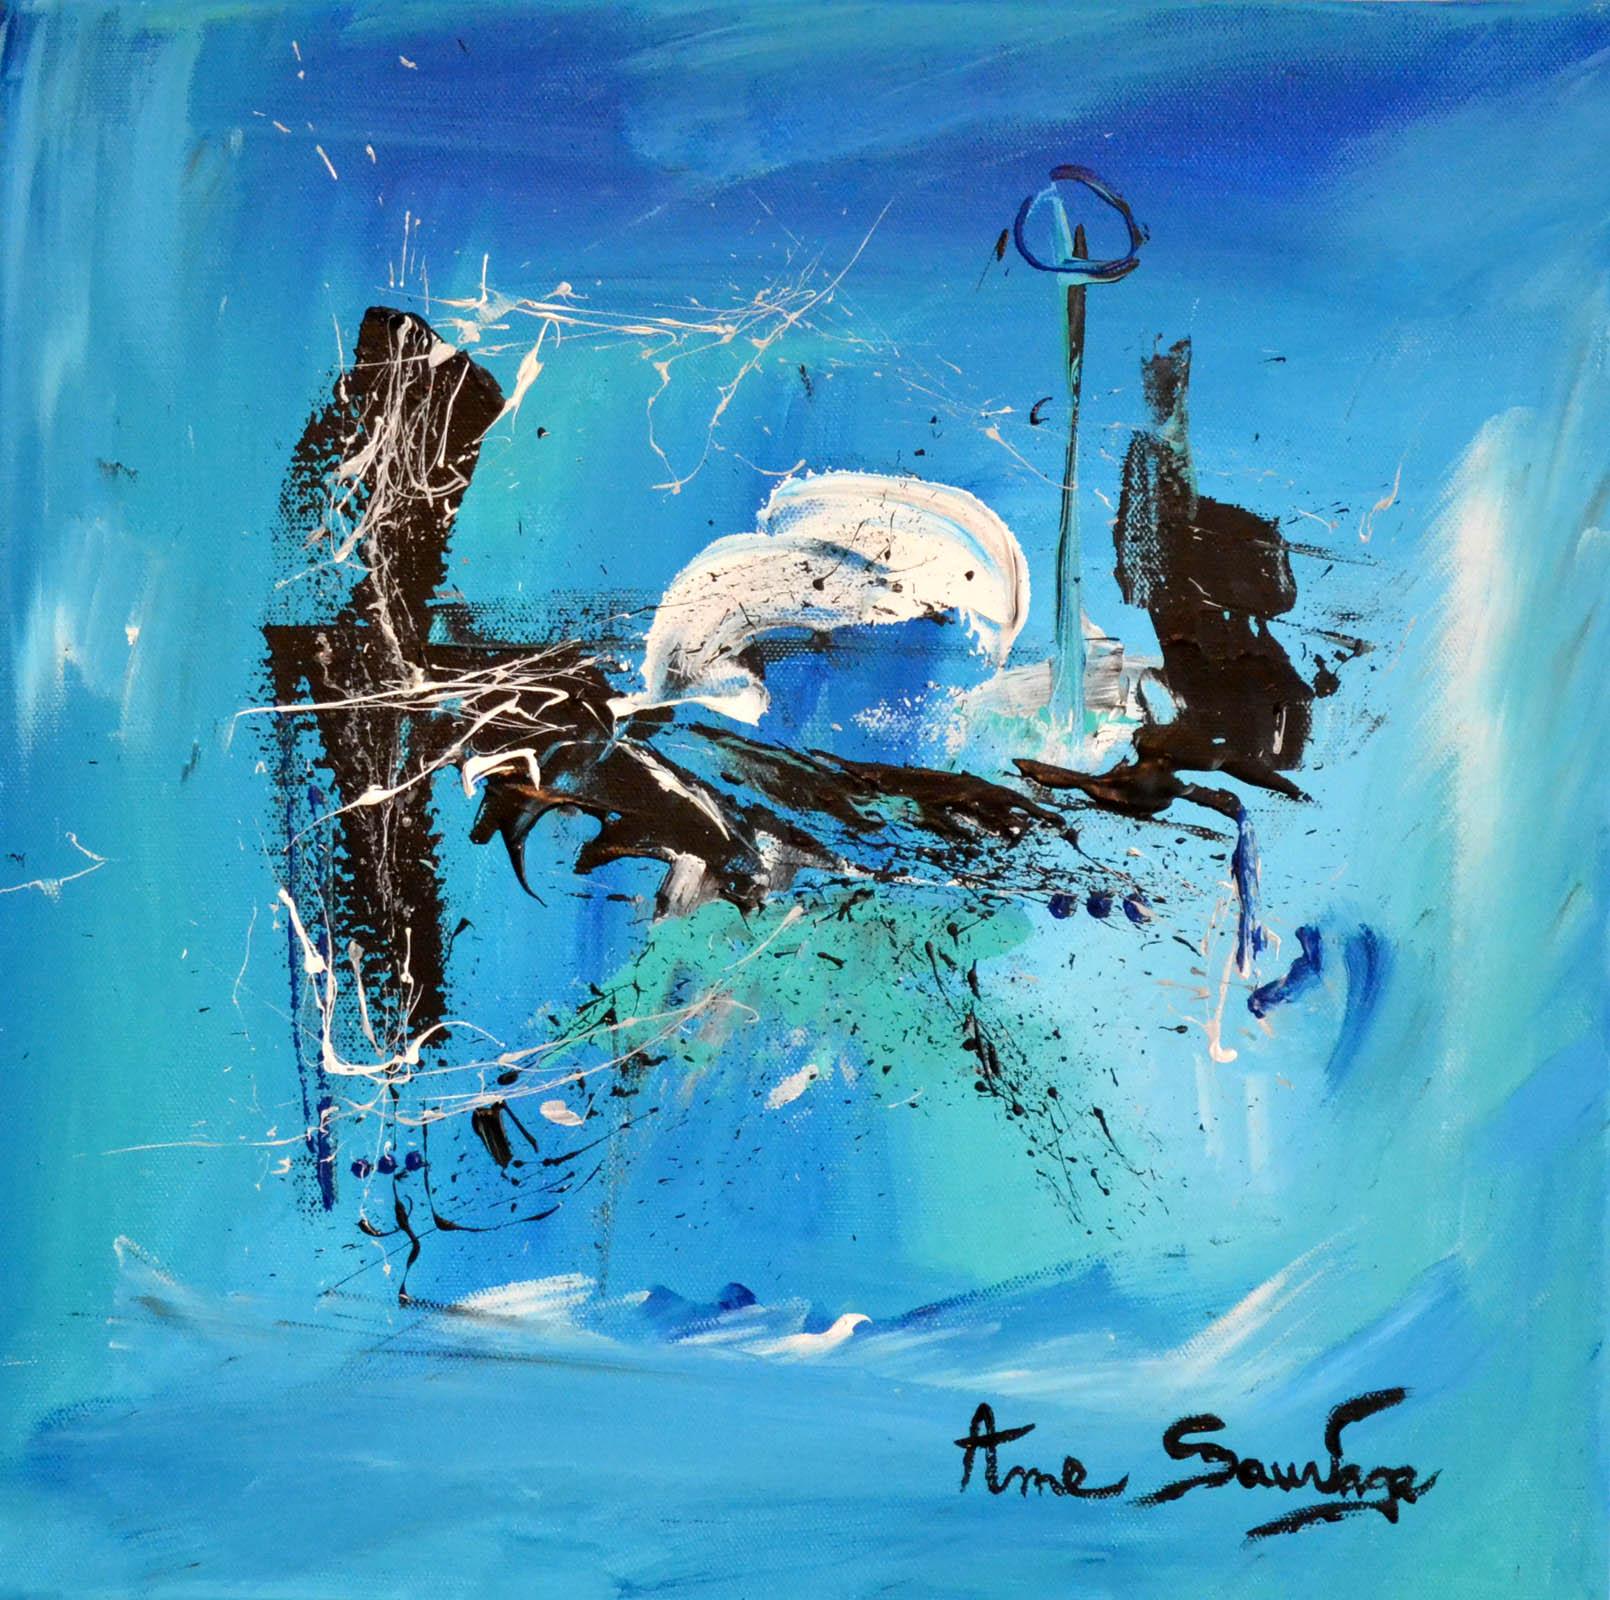 Tableaux abstraits contemporains artiste peintre ame sauvage - Les plus beaux tableaux abstraits ...